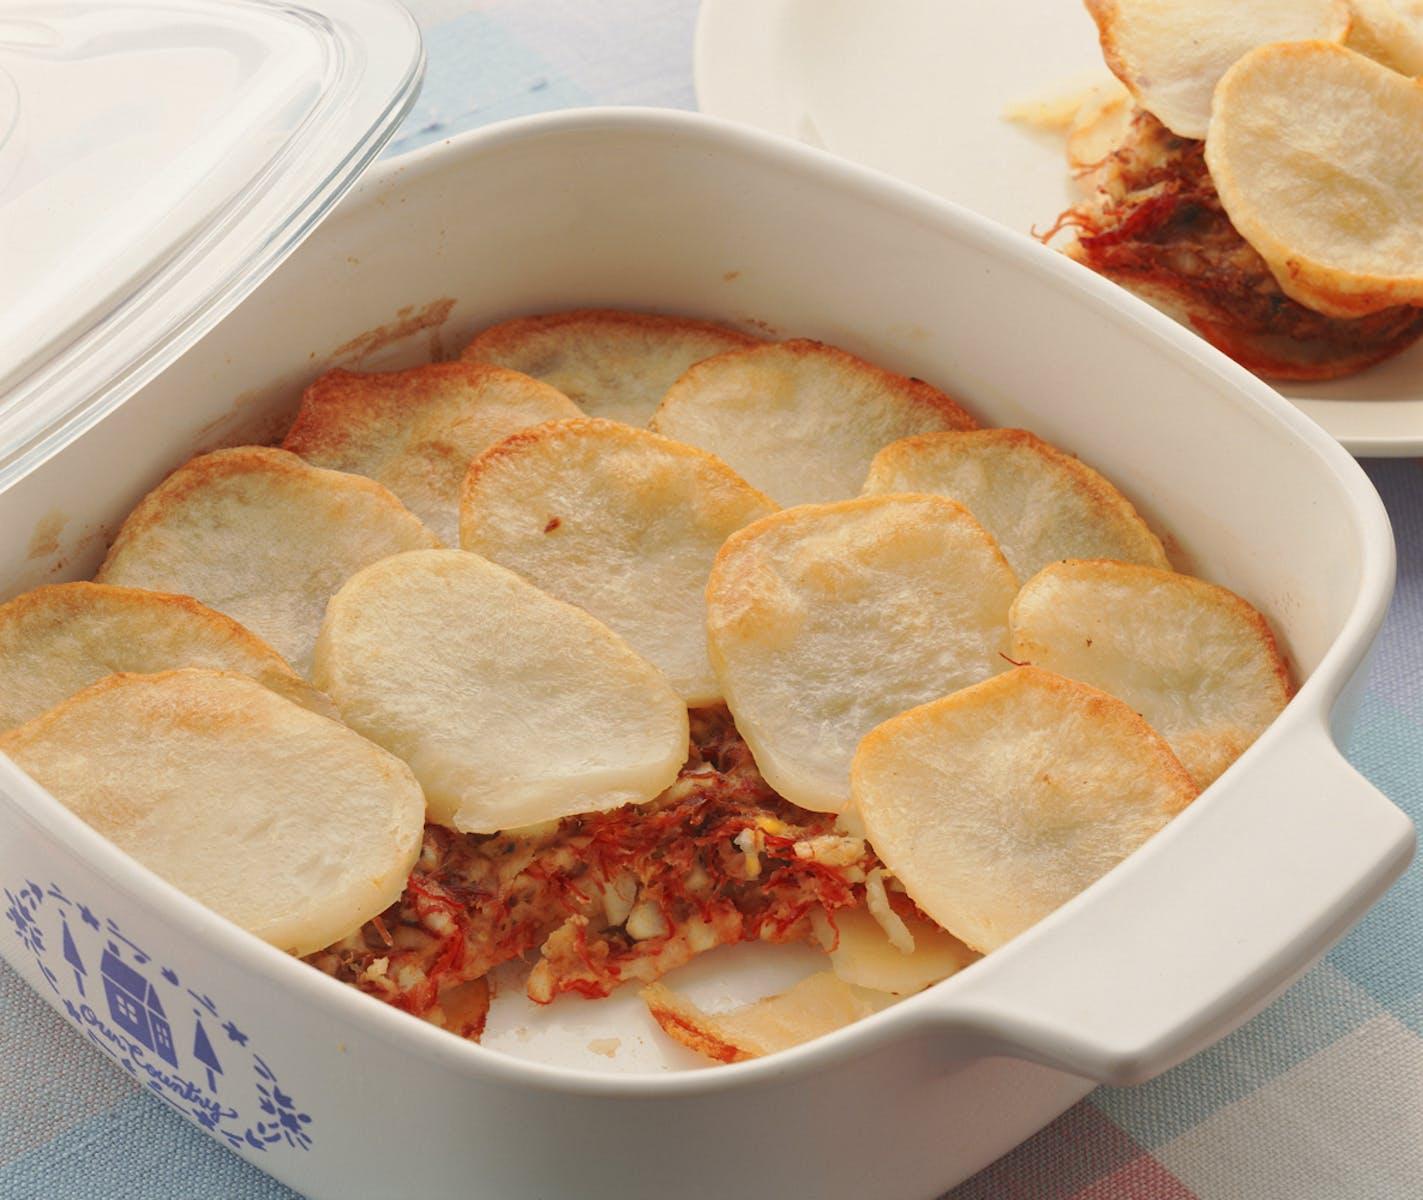 ポテトとコンビーフの重ね焼き